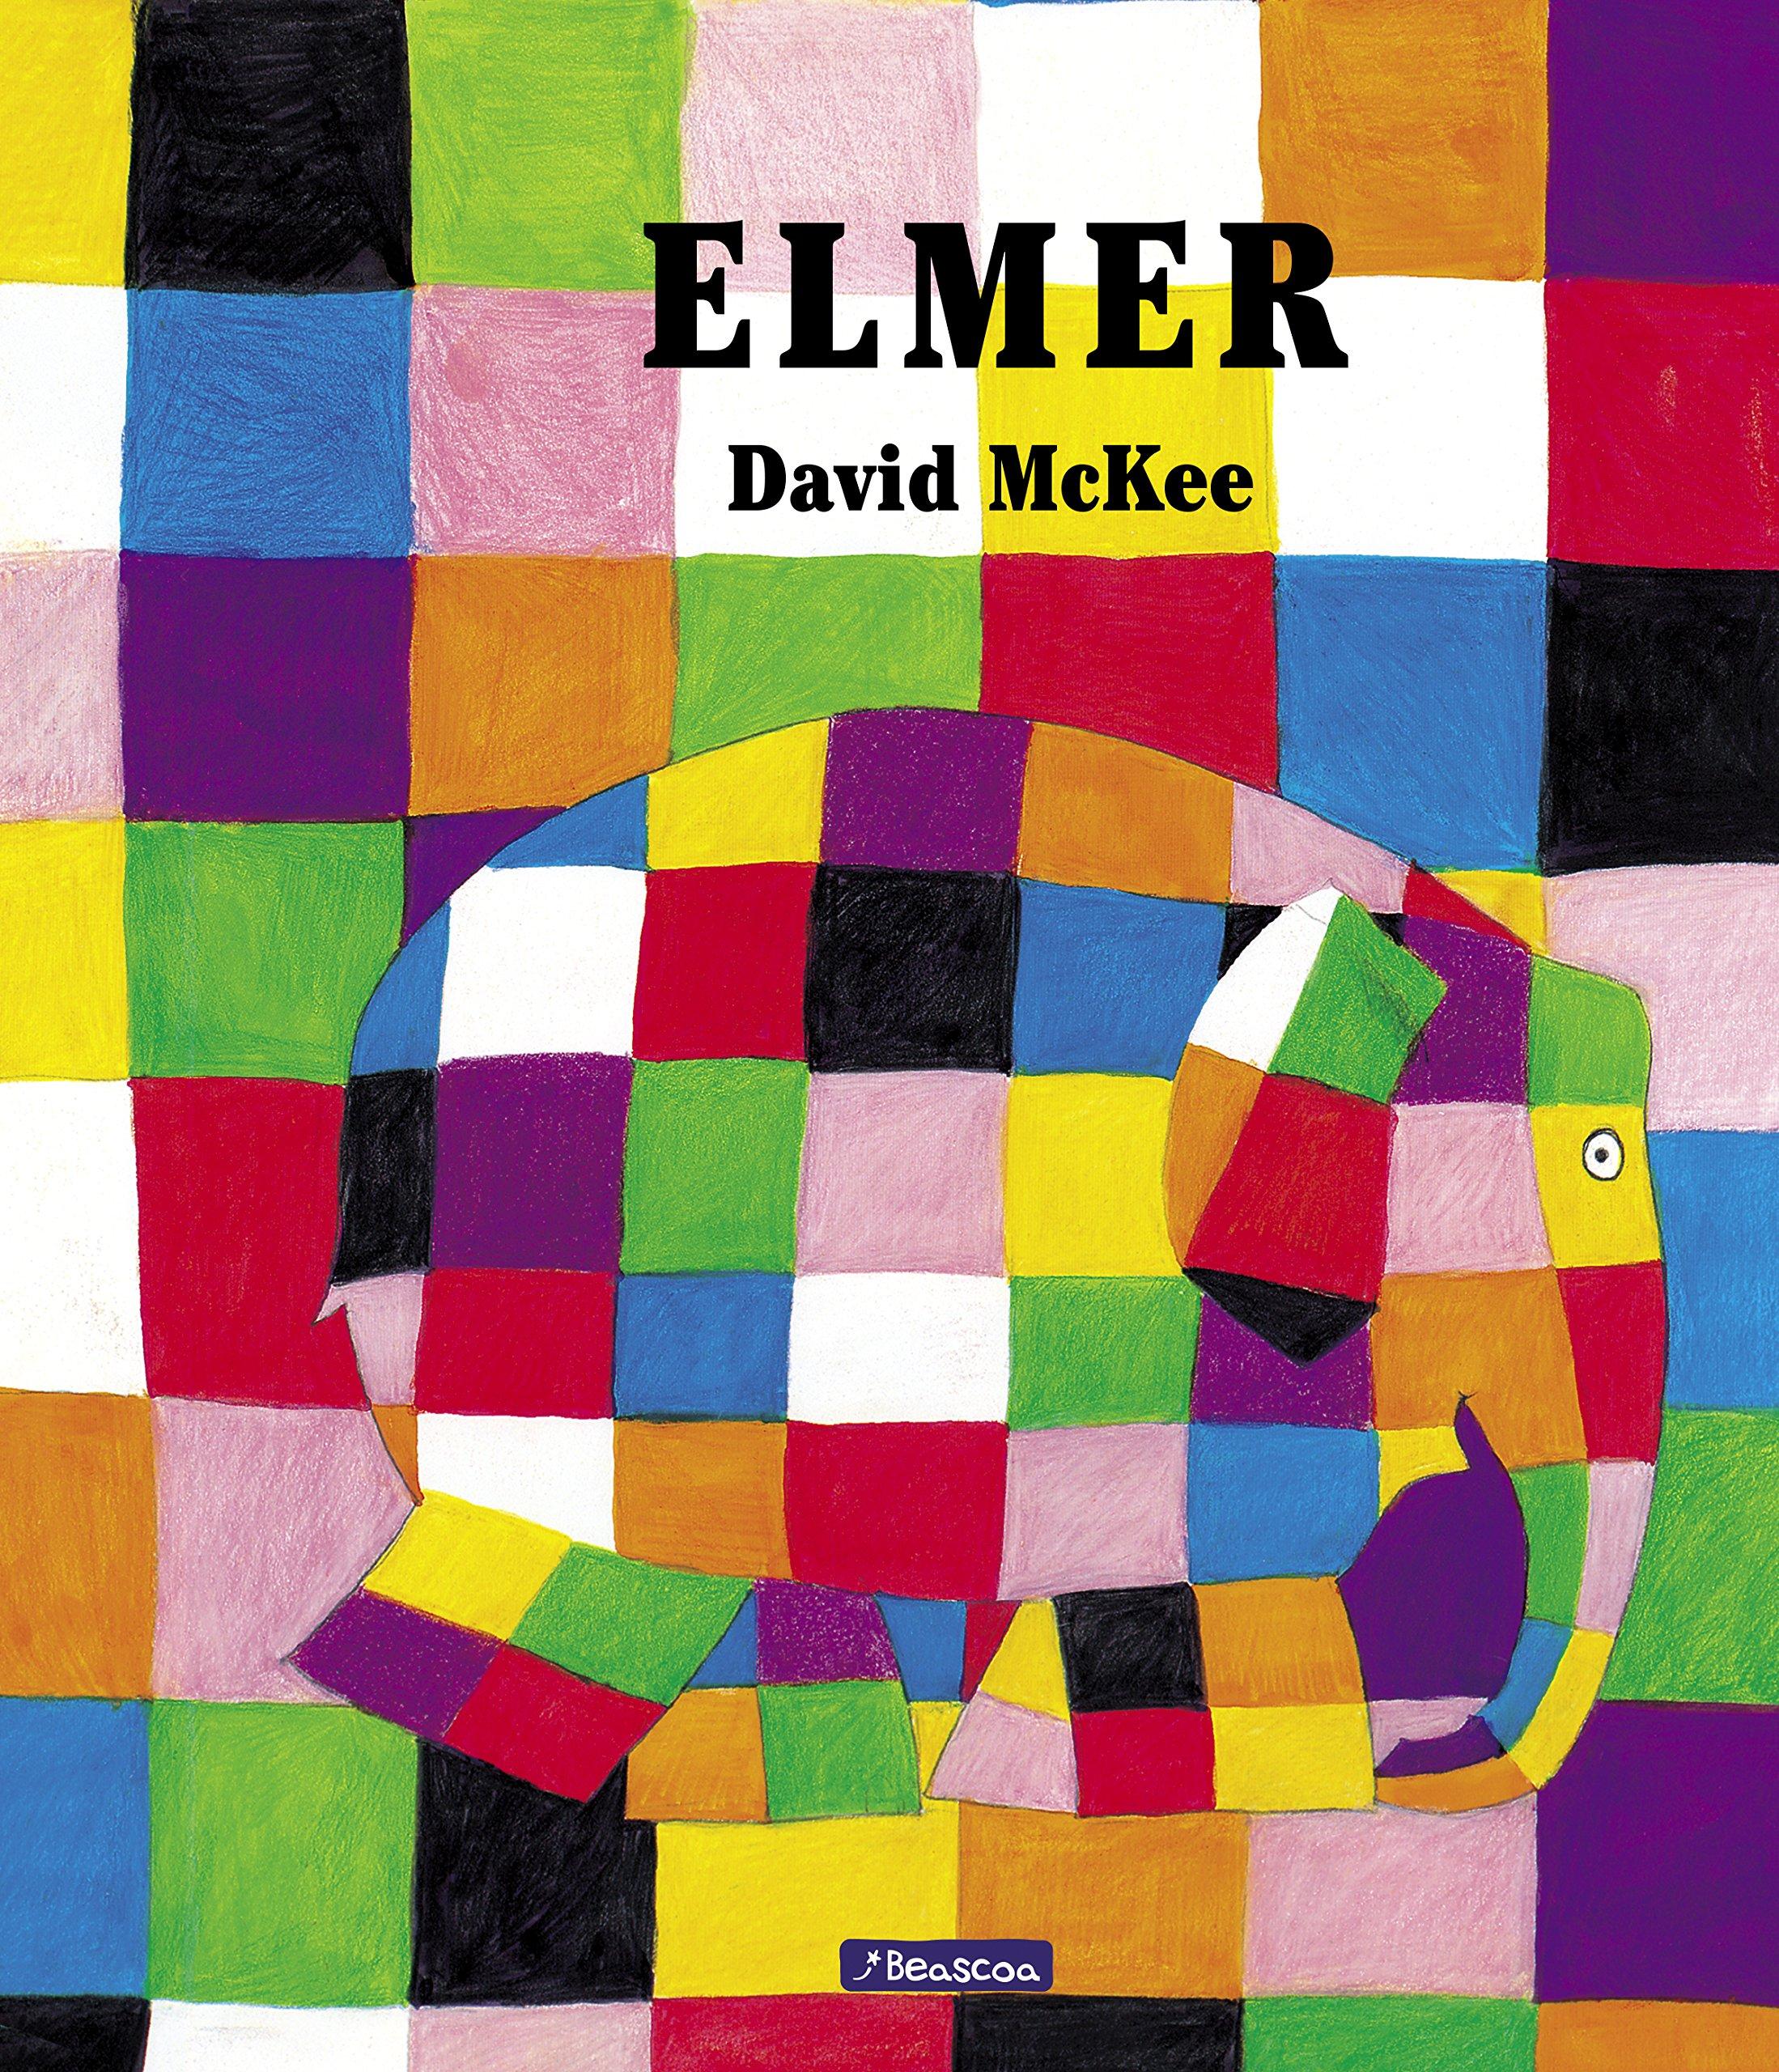 Elmer (Elmer. Álbum ilustrado) Tapa dura – 12 abr 2012 David McKee BEASCOA 8448823281 Animals - Elephants